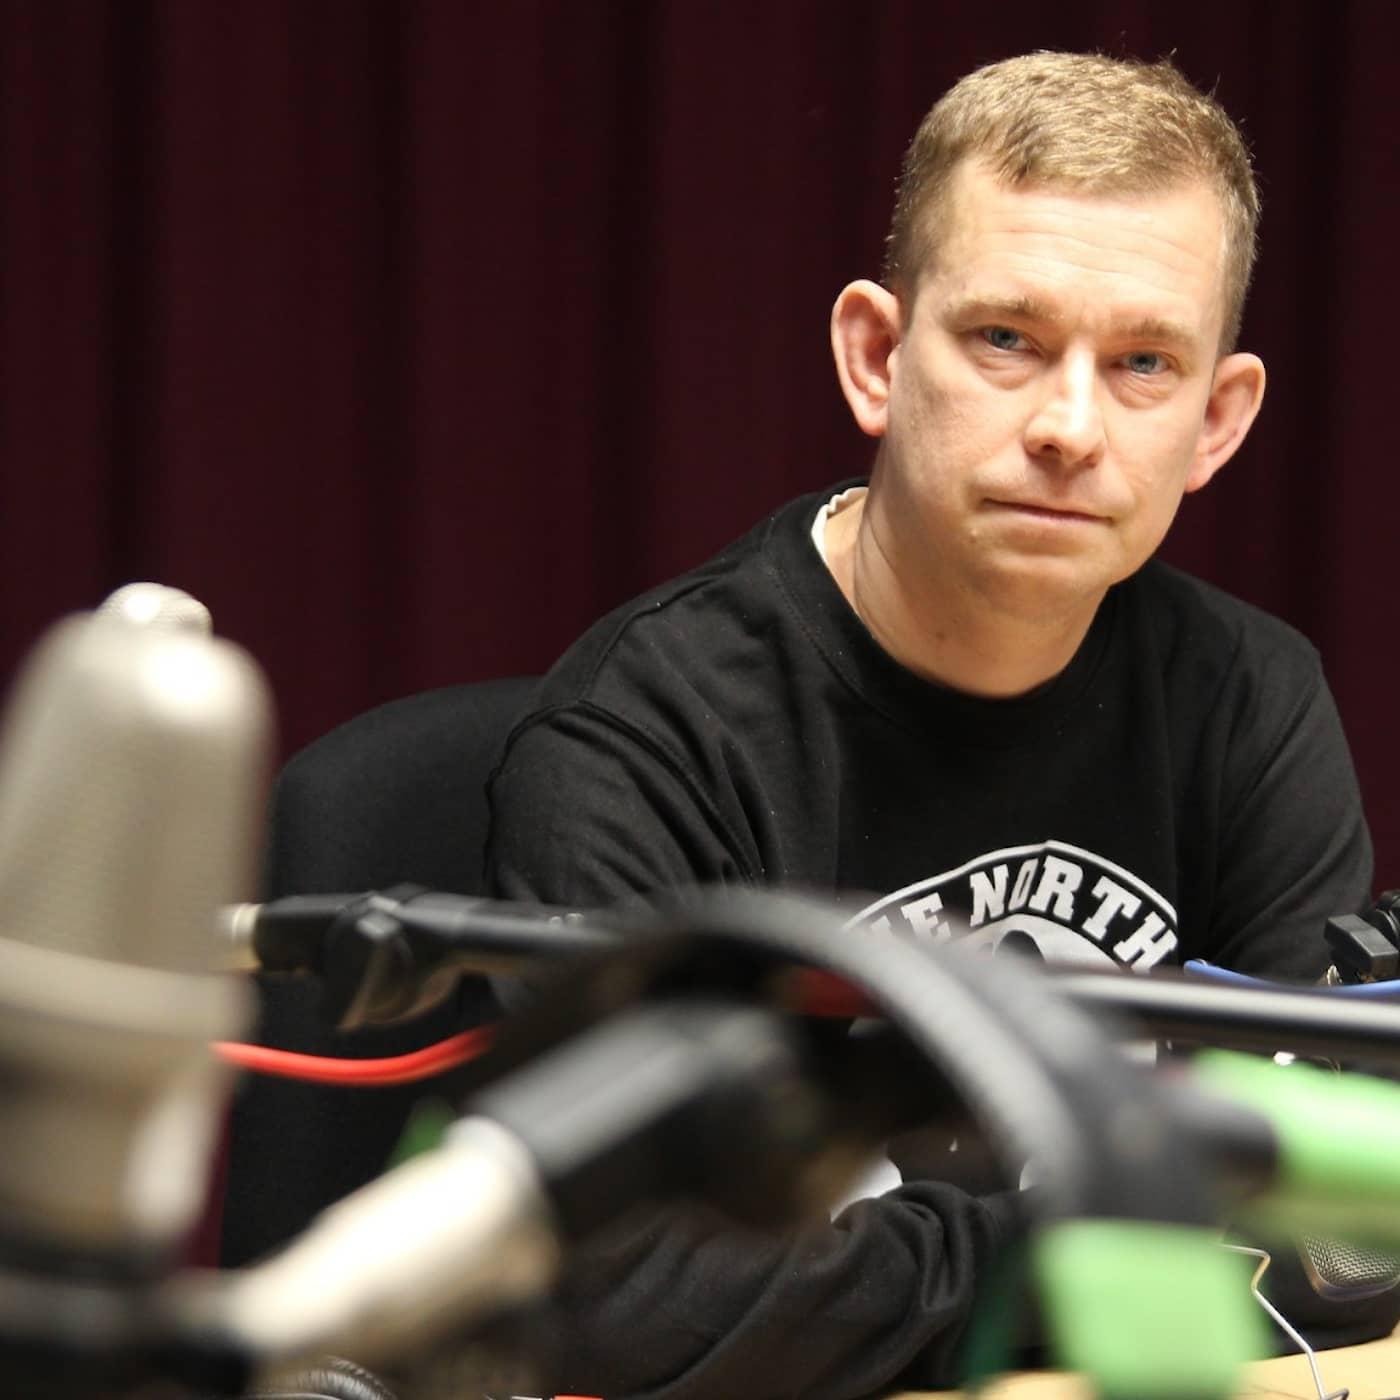 Erik Niva ger sig ut på poddturné: Skräckblandad nyfikenhet